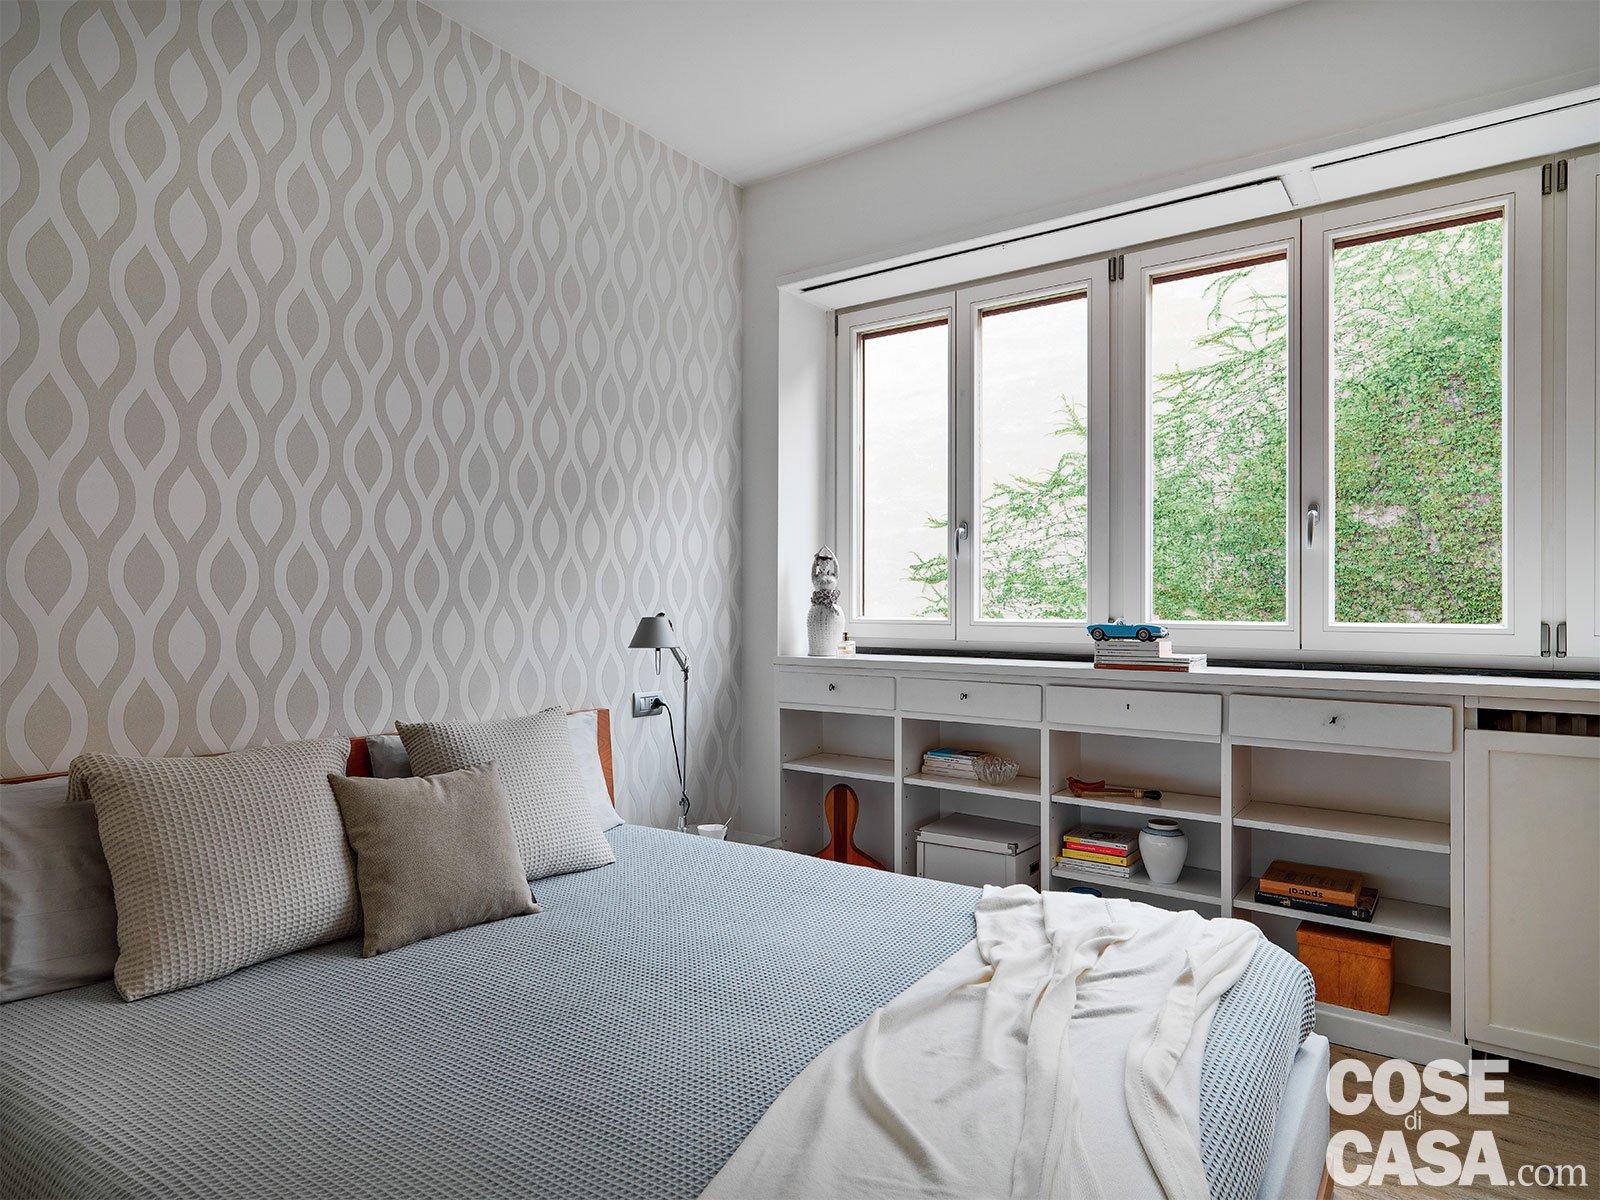 Dimensioni Finestre Camera Da Letto 150 mq tutti da copiare: dalla divisione soggiorno-cucina